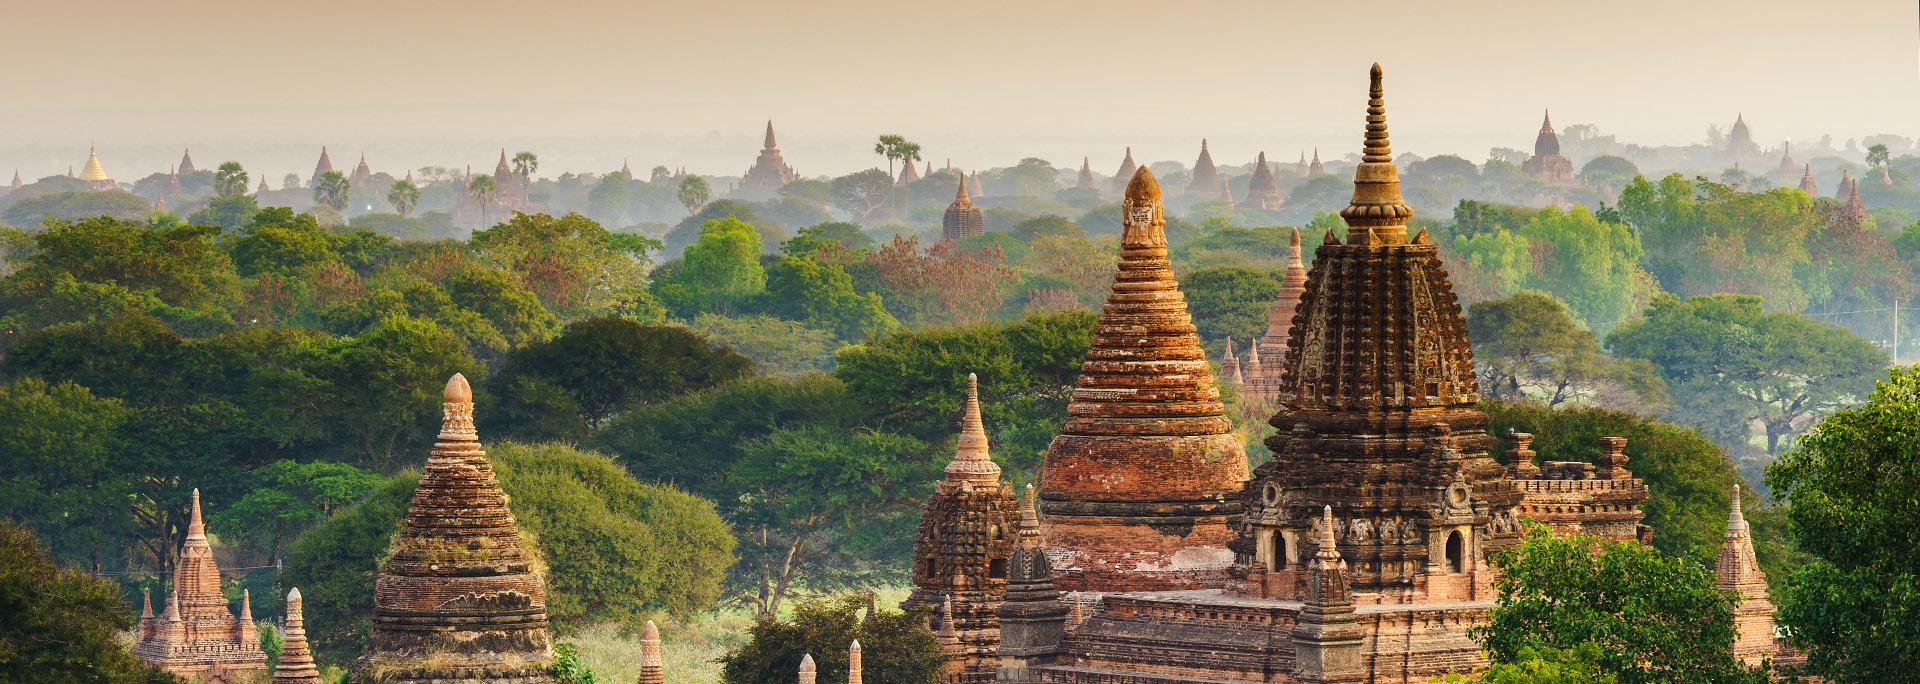 Burma Myanmar (Burma)